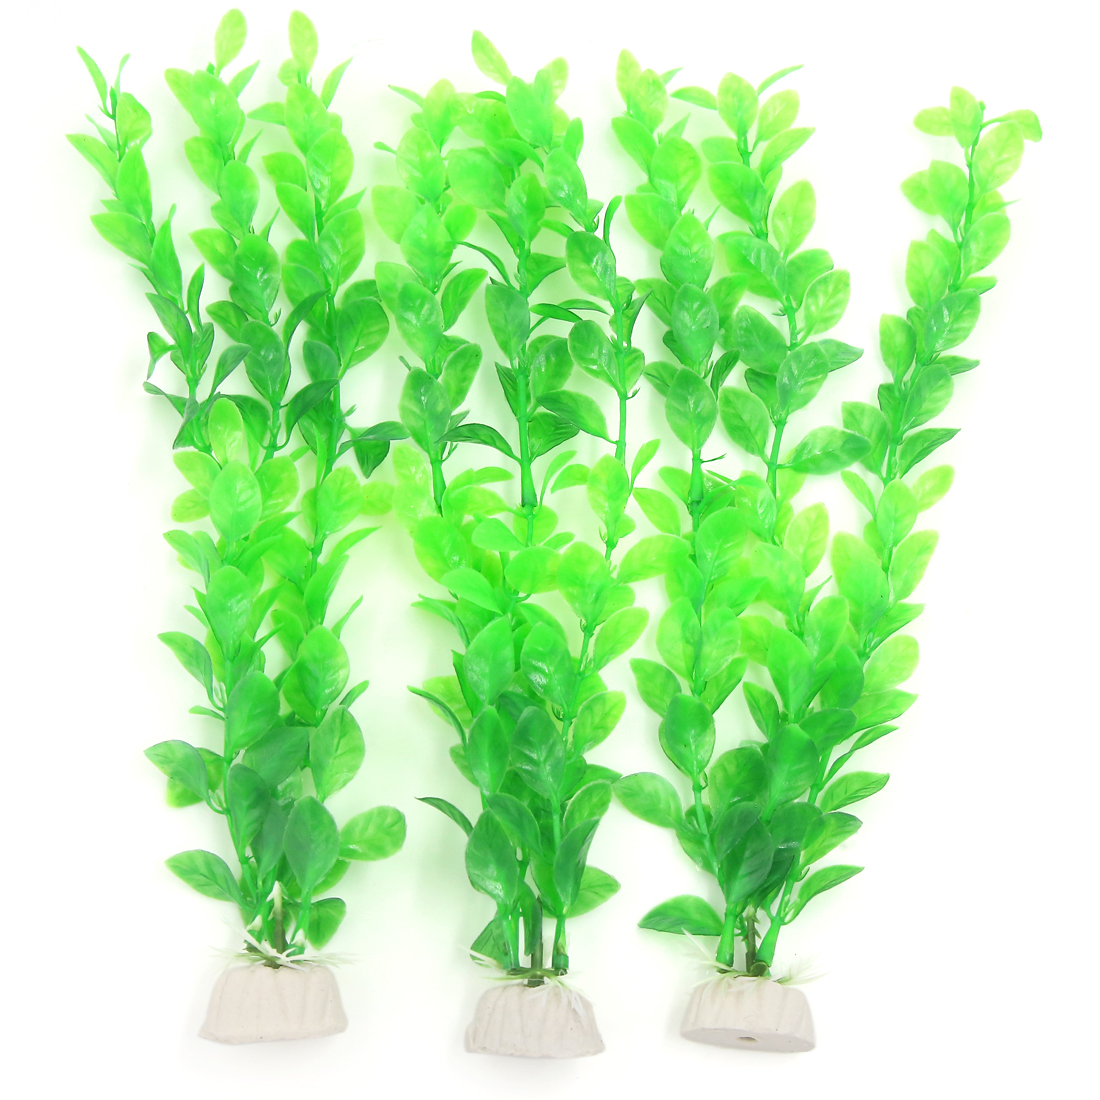 Unique Bargains Plastic Aquarium Plants with Ceramic Base, Green, 10.6-Inch, 3 Count